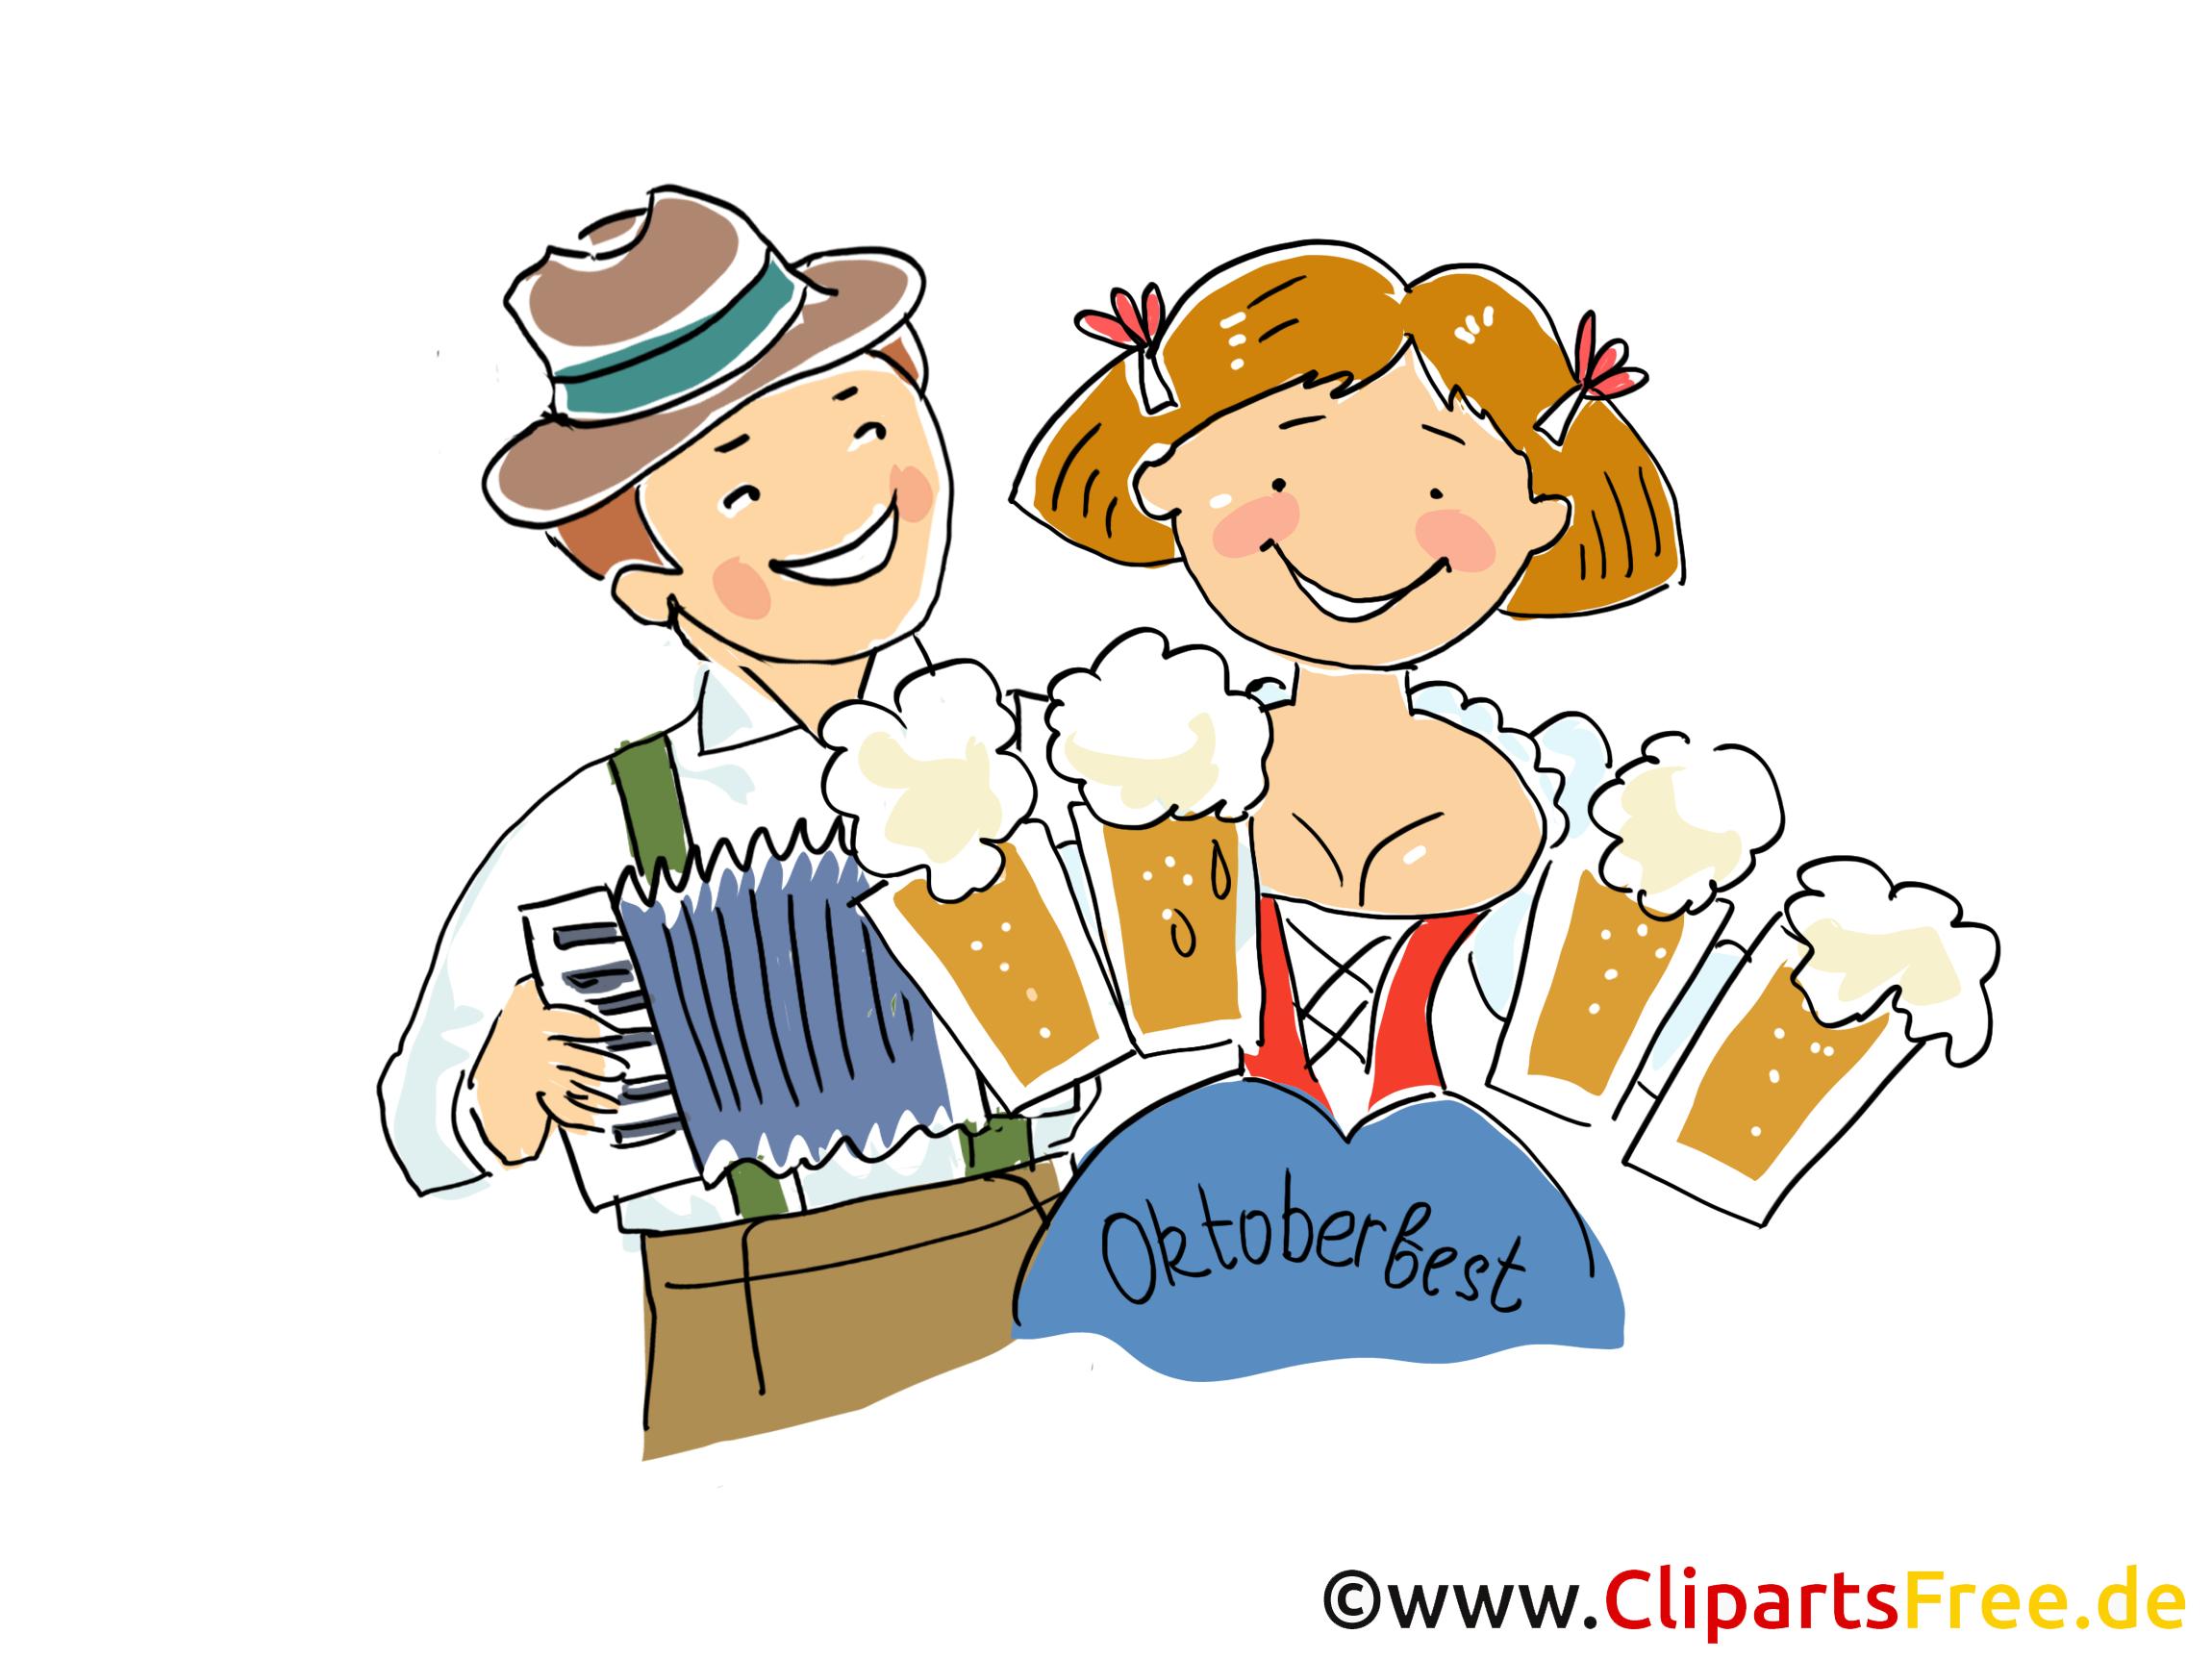 Oktoberfest Comic